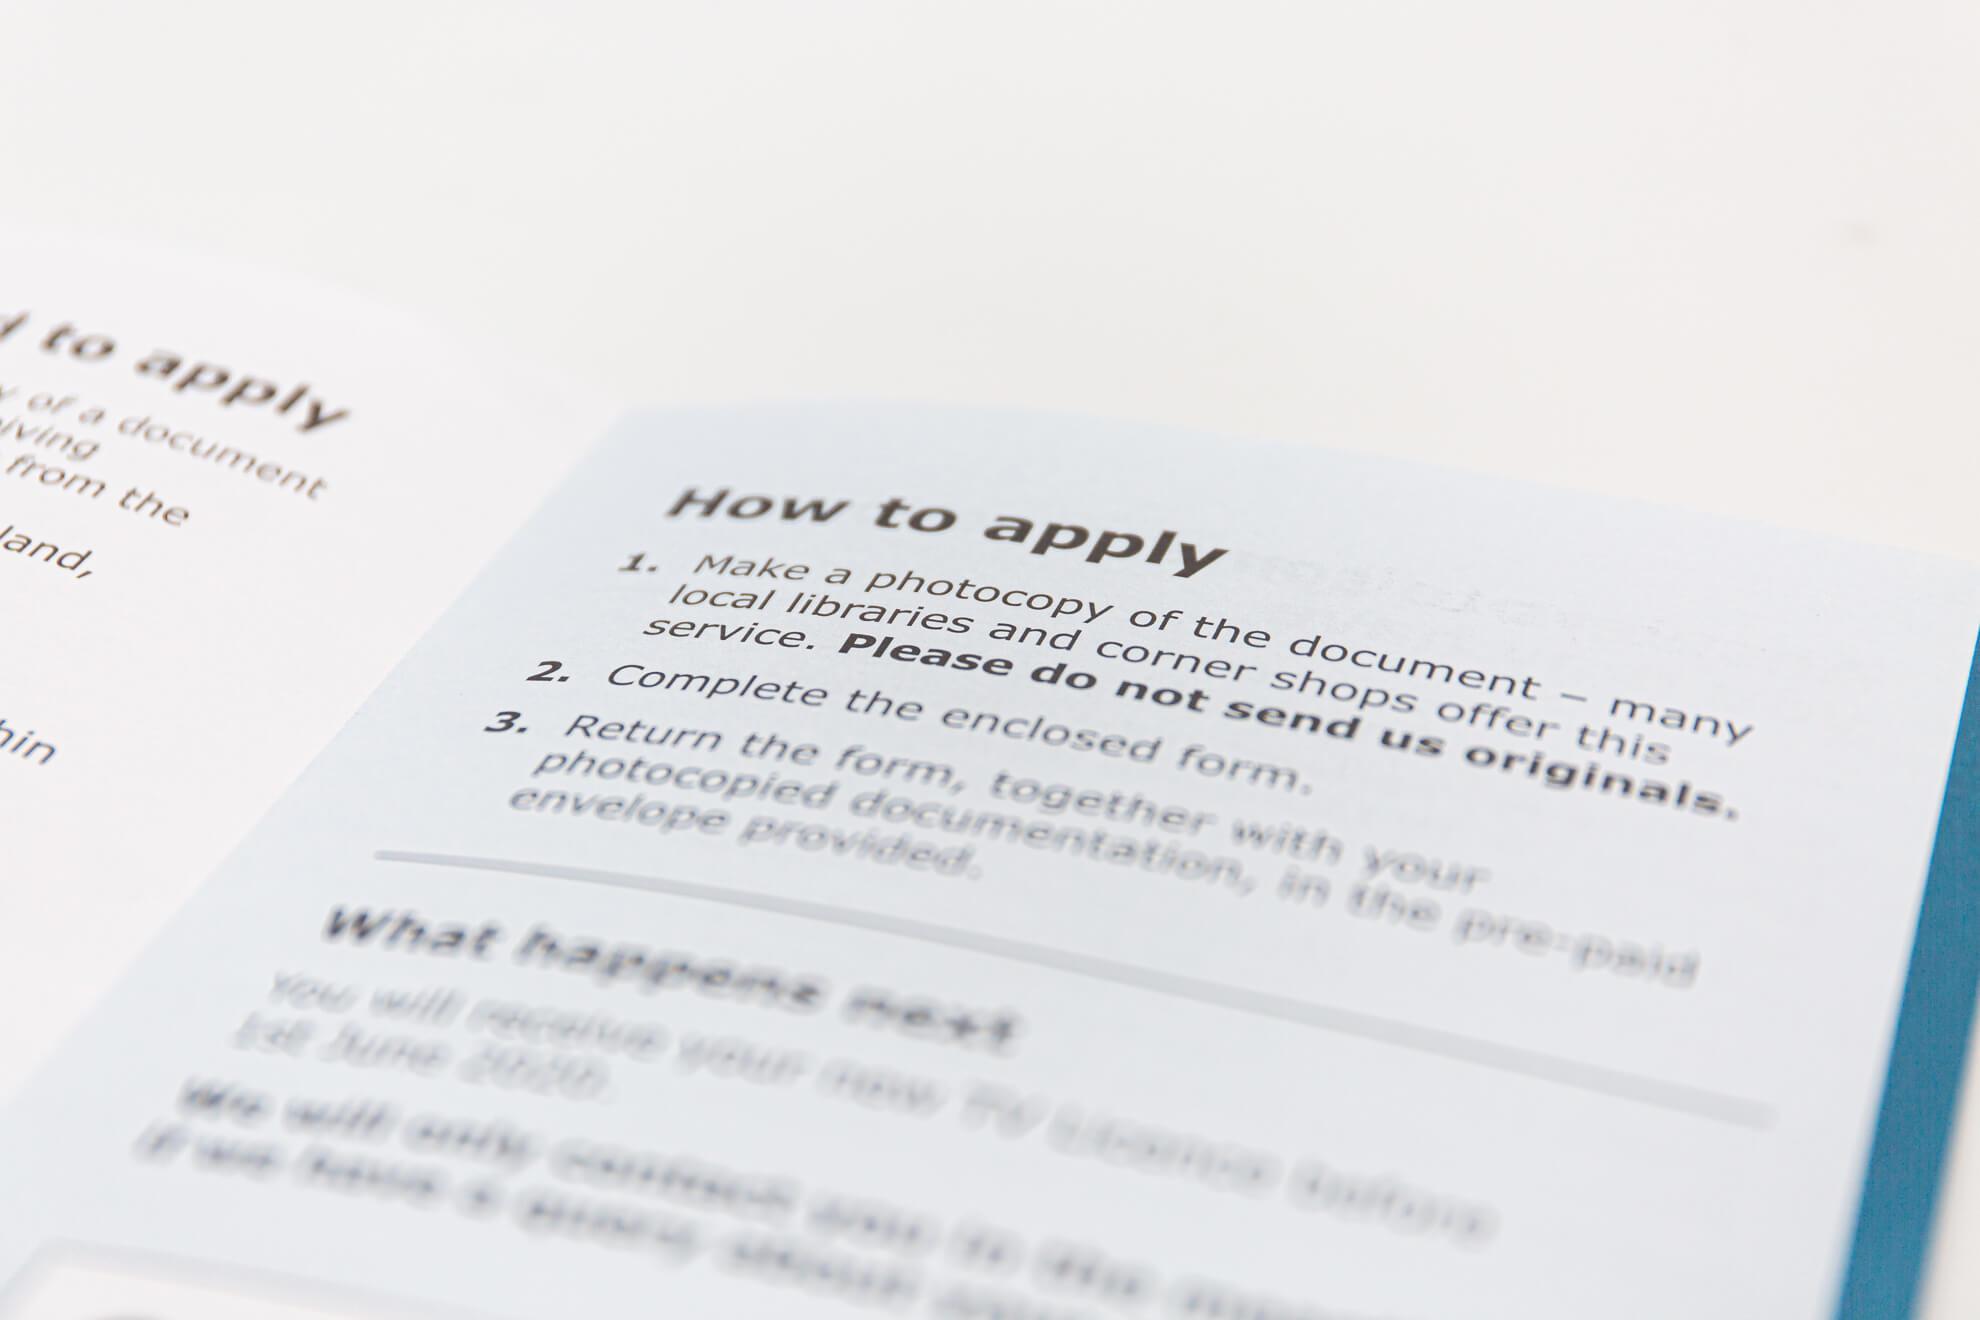 Cambridge Immigration, Document, Visa